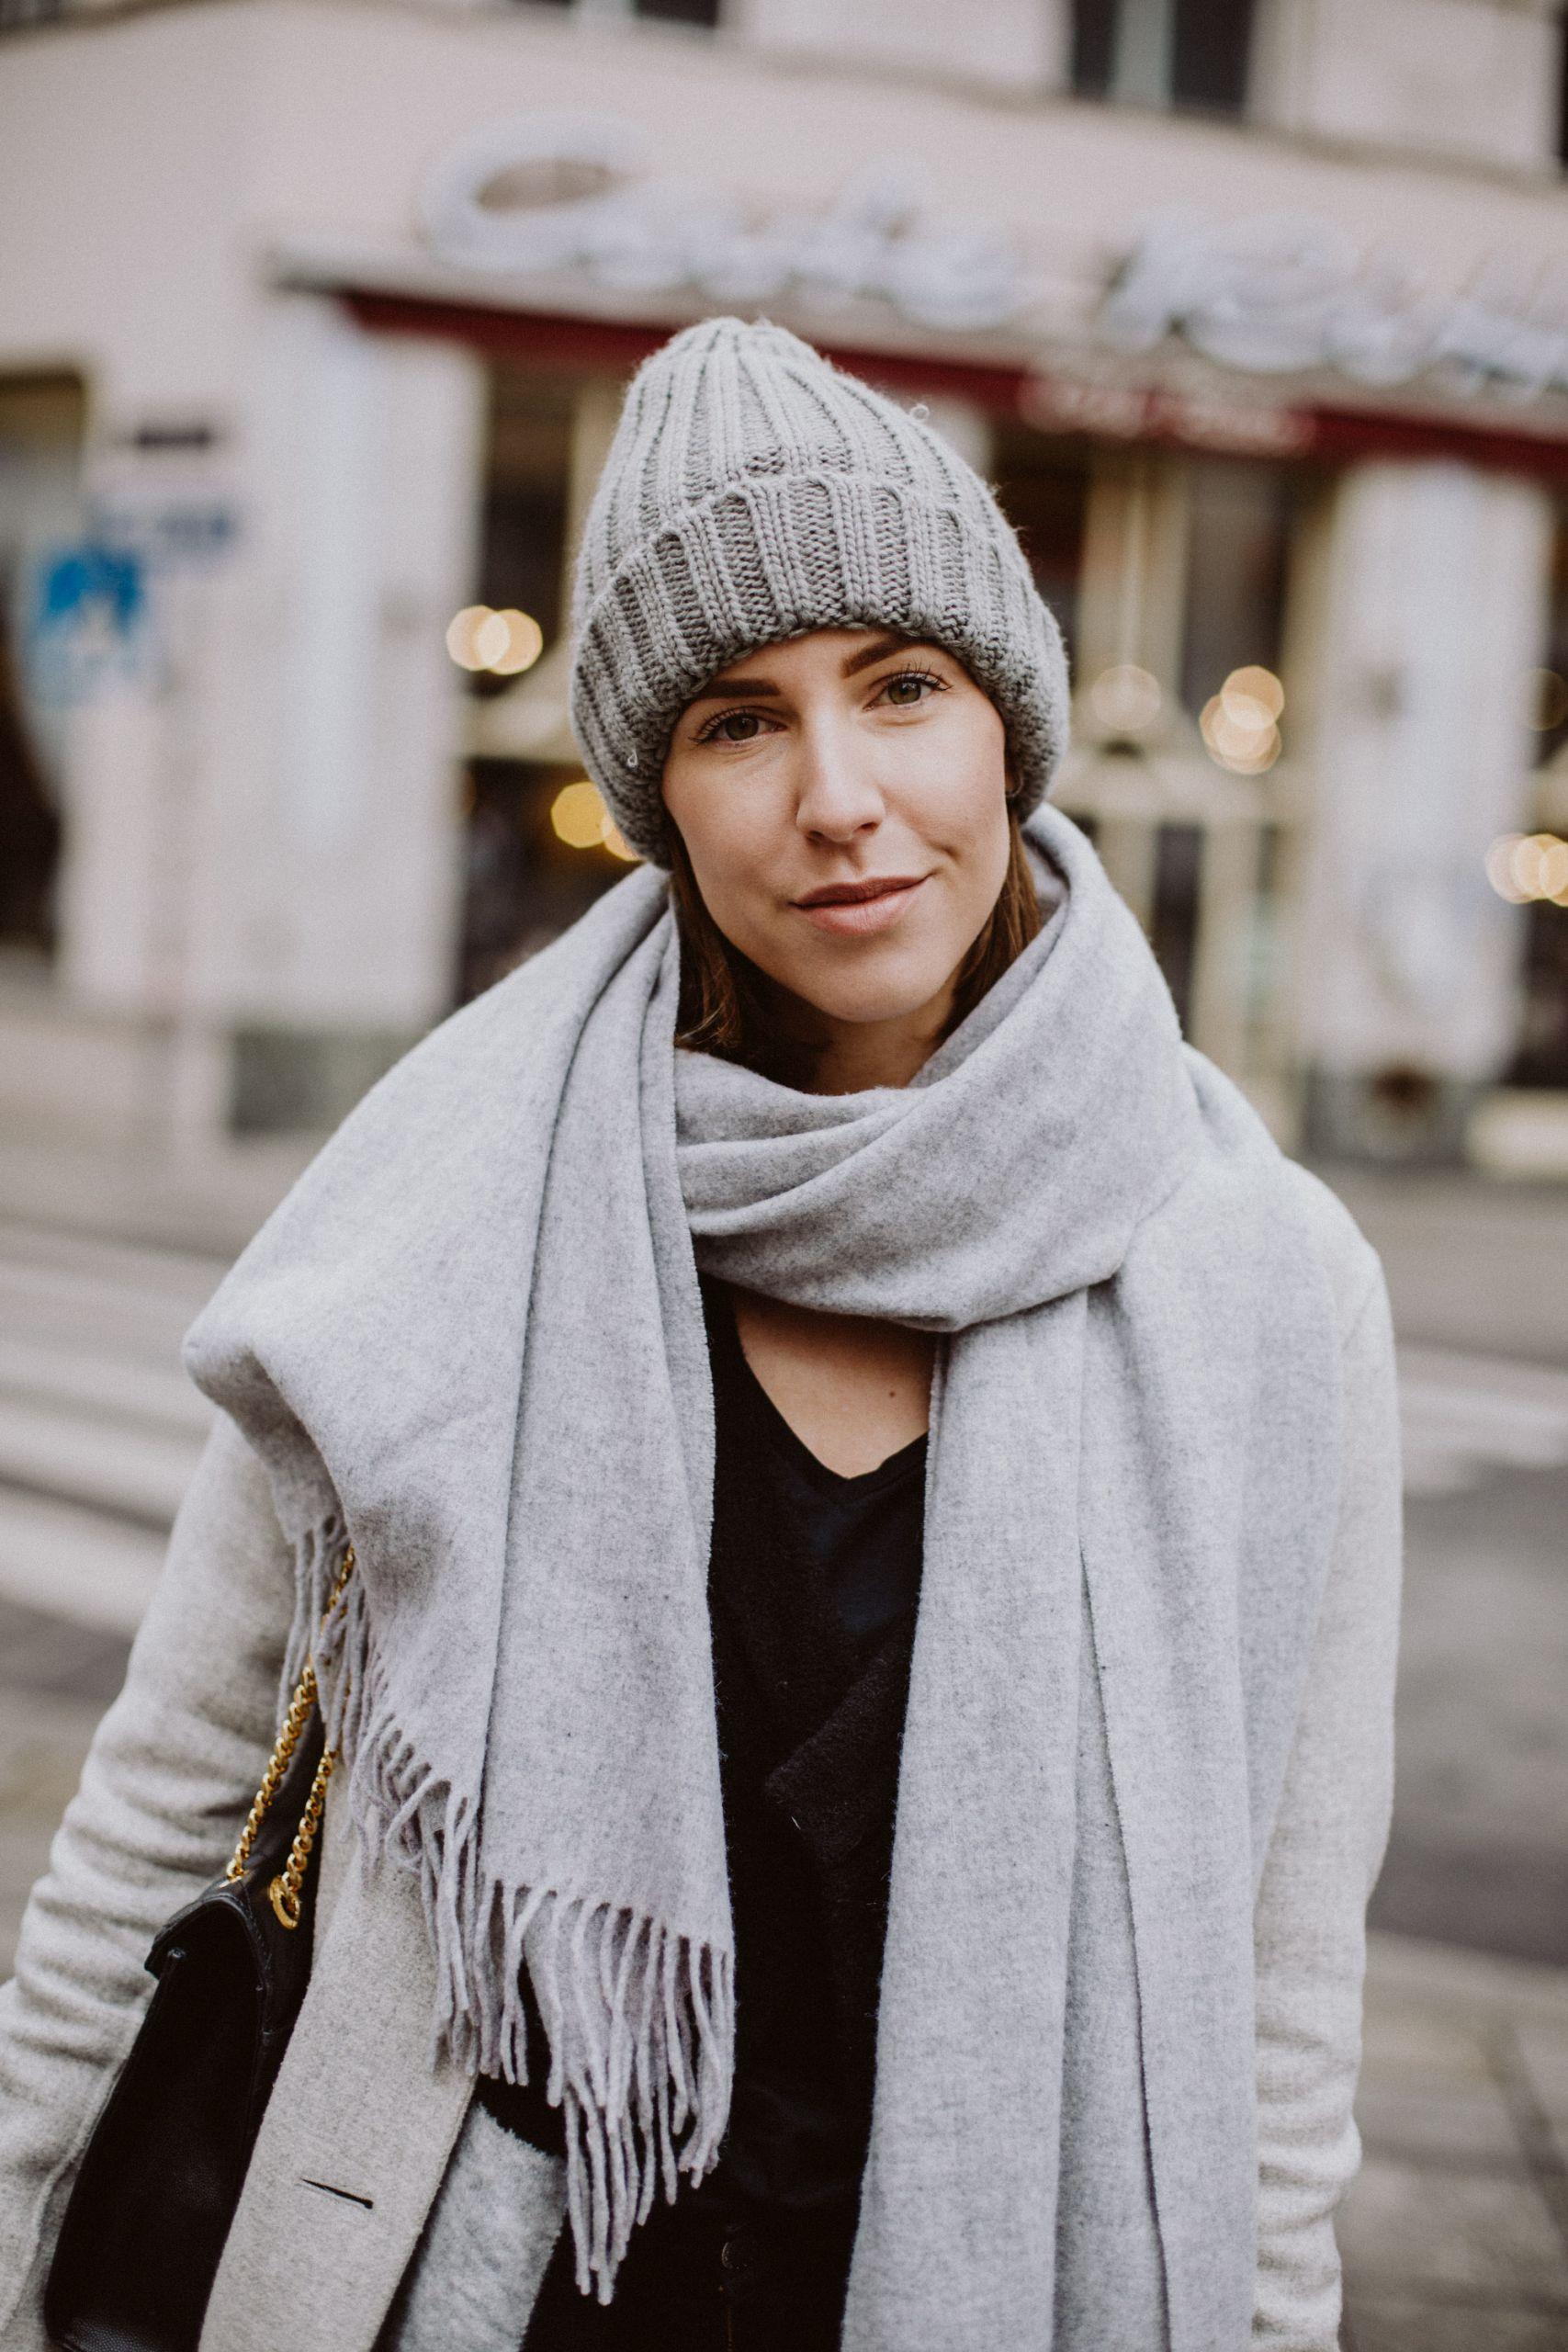 Ebay Fashion: Statement Headwear | Love Daily Dose